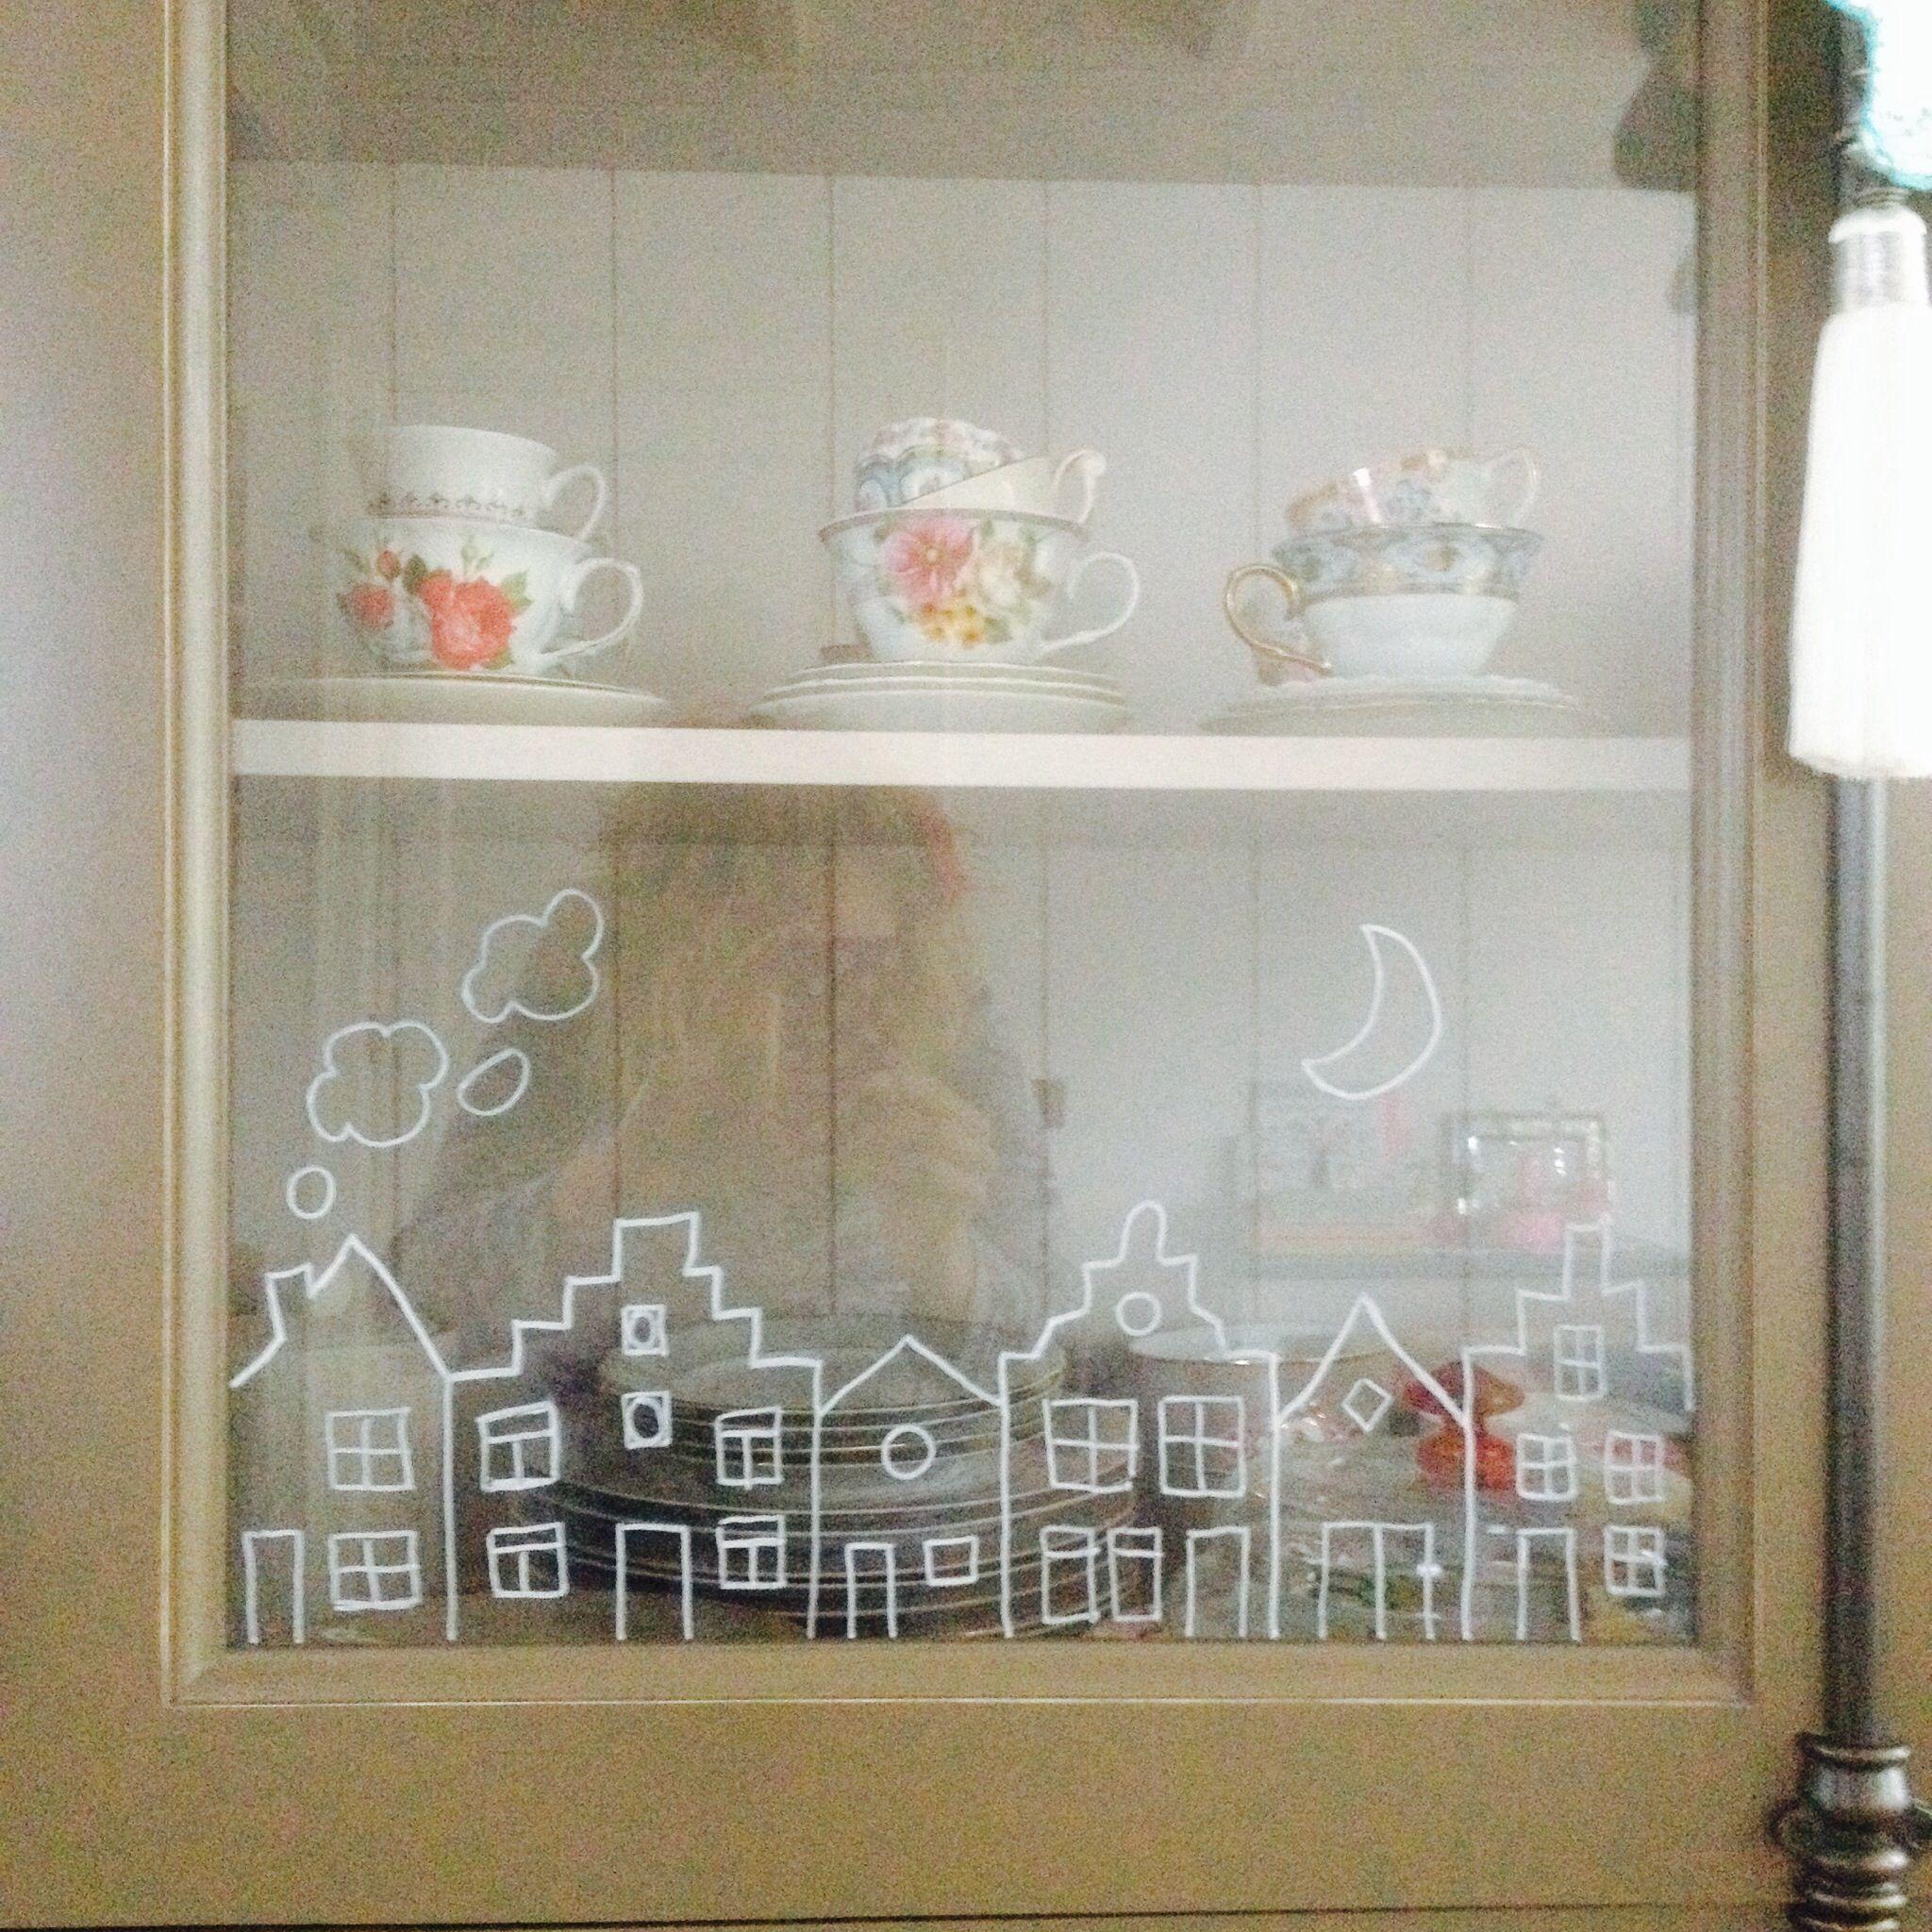 Sinterklaas window painting#Marije Zijderlaan-Daanen